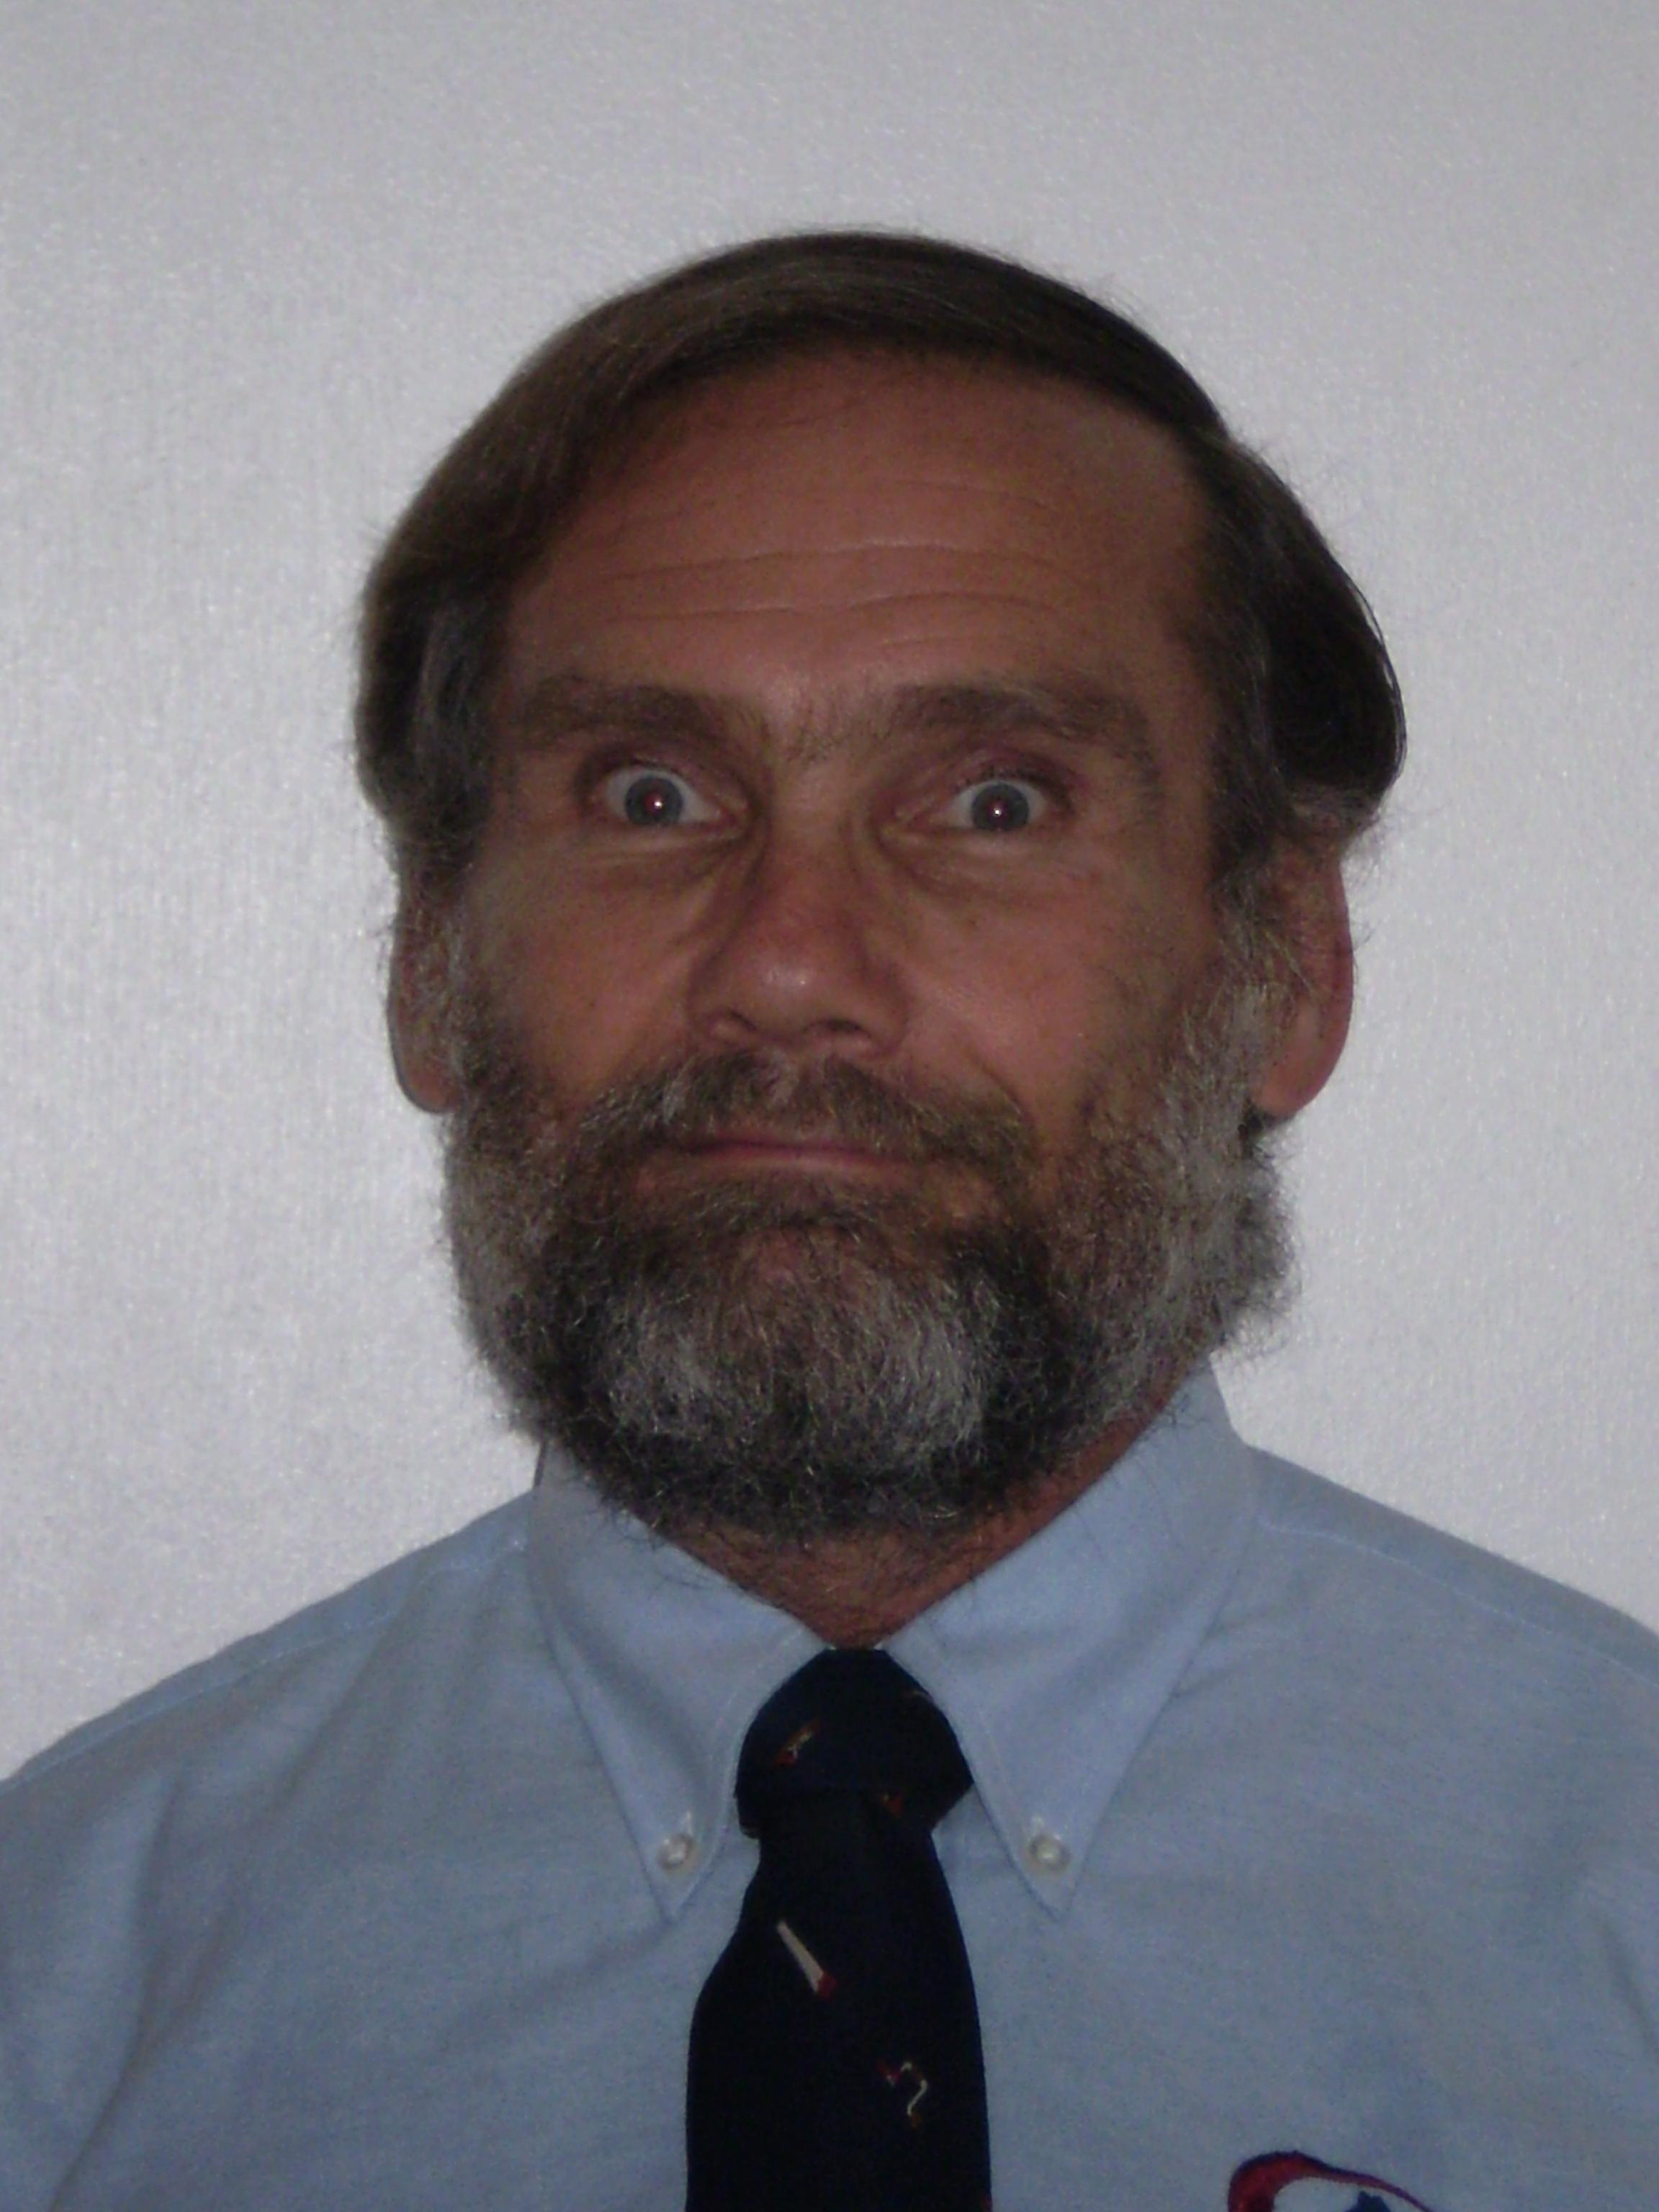 Dave Rushton